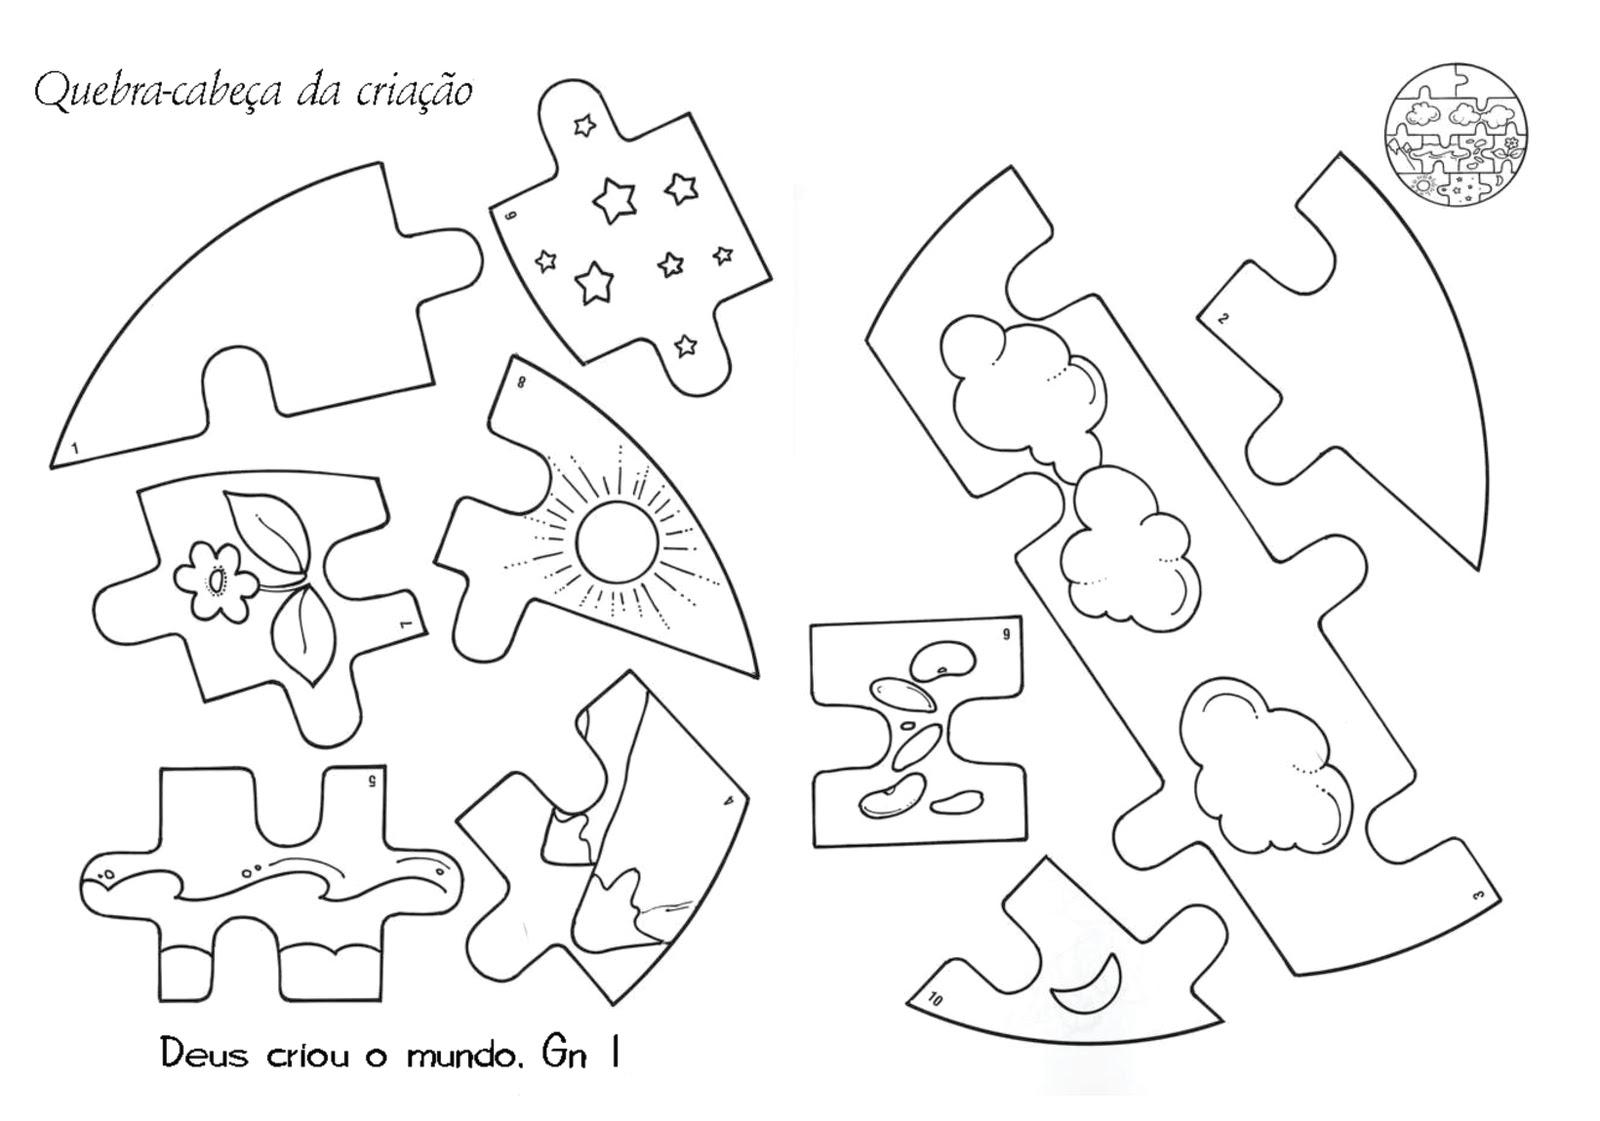 Desenho como desenhar Quebra cabeça turma da monica mickey e outros para recortar pintar e colorir